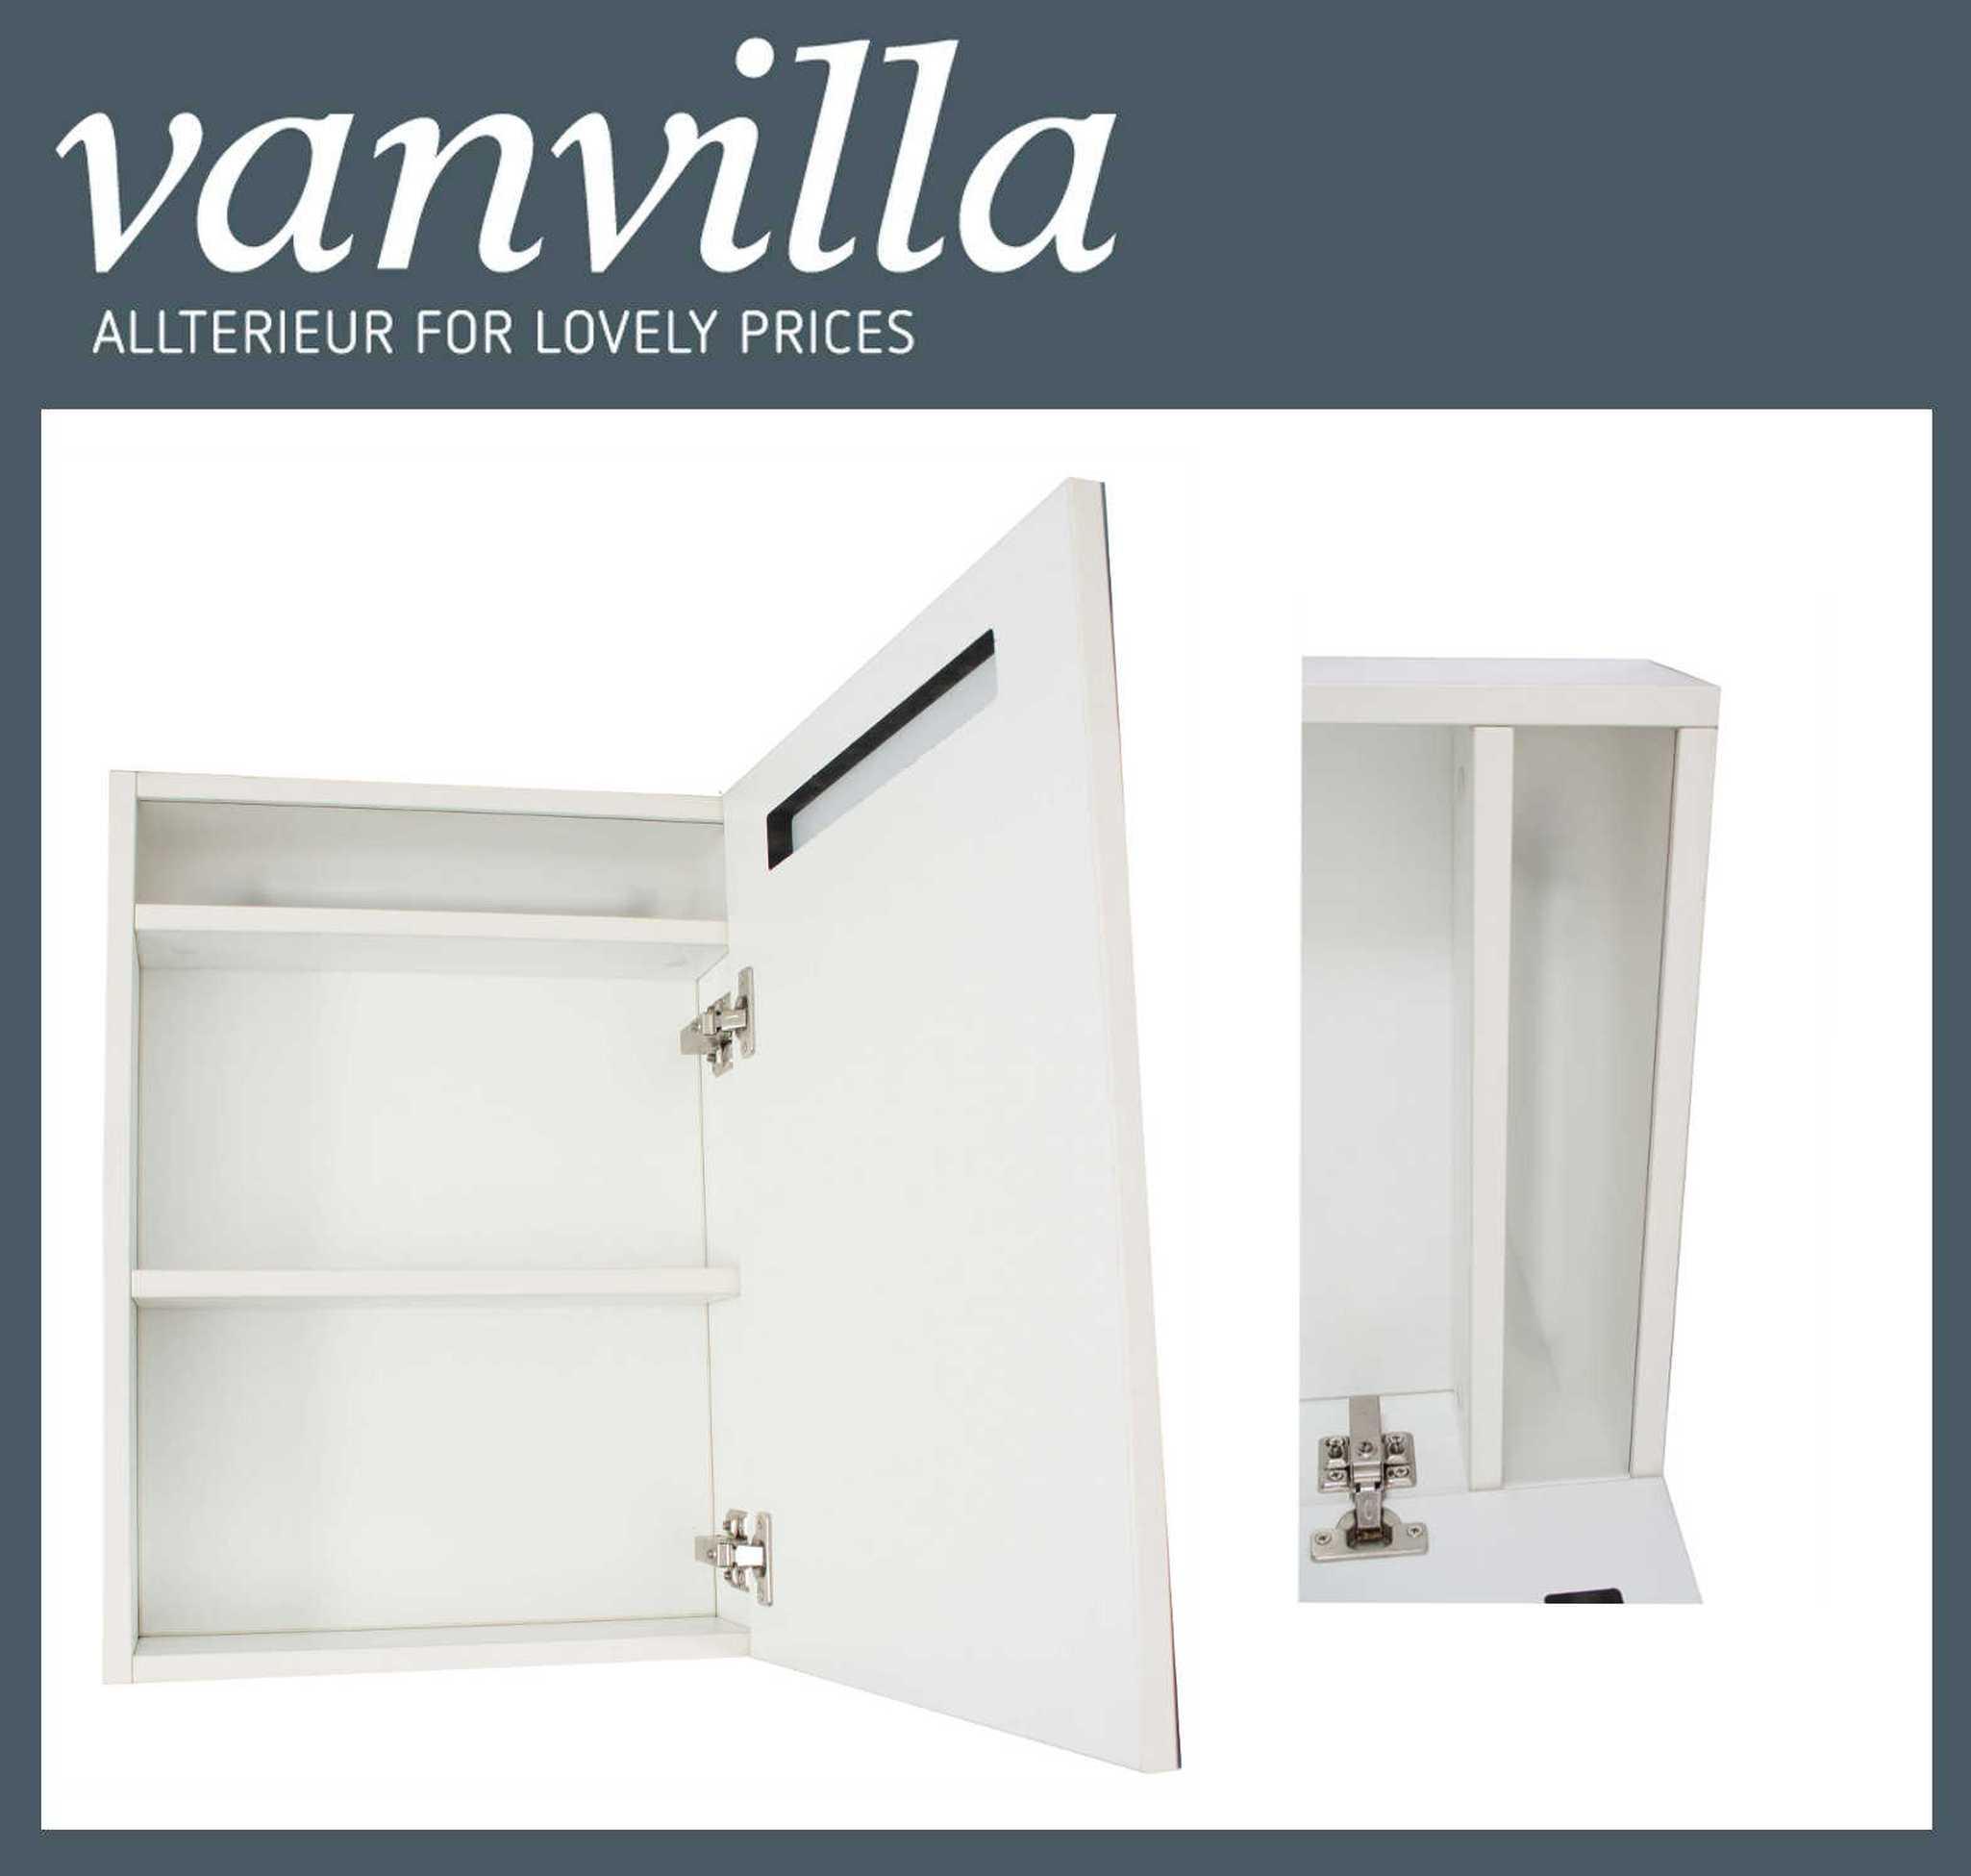 badezimmerschrank spiegelschrank mit beleuchtung badschrank wandschrank p560 945 ebay. Black Bedroom Furniture Sets. Home Design Ideas